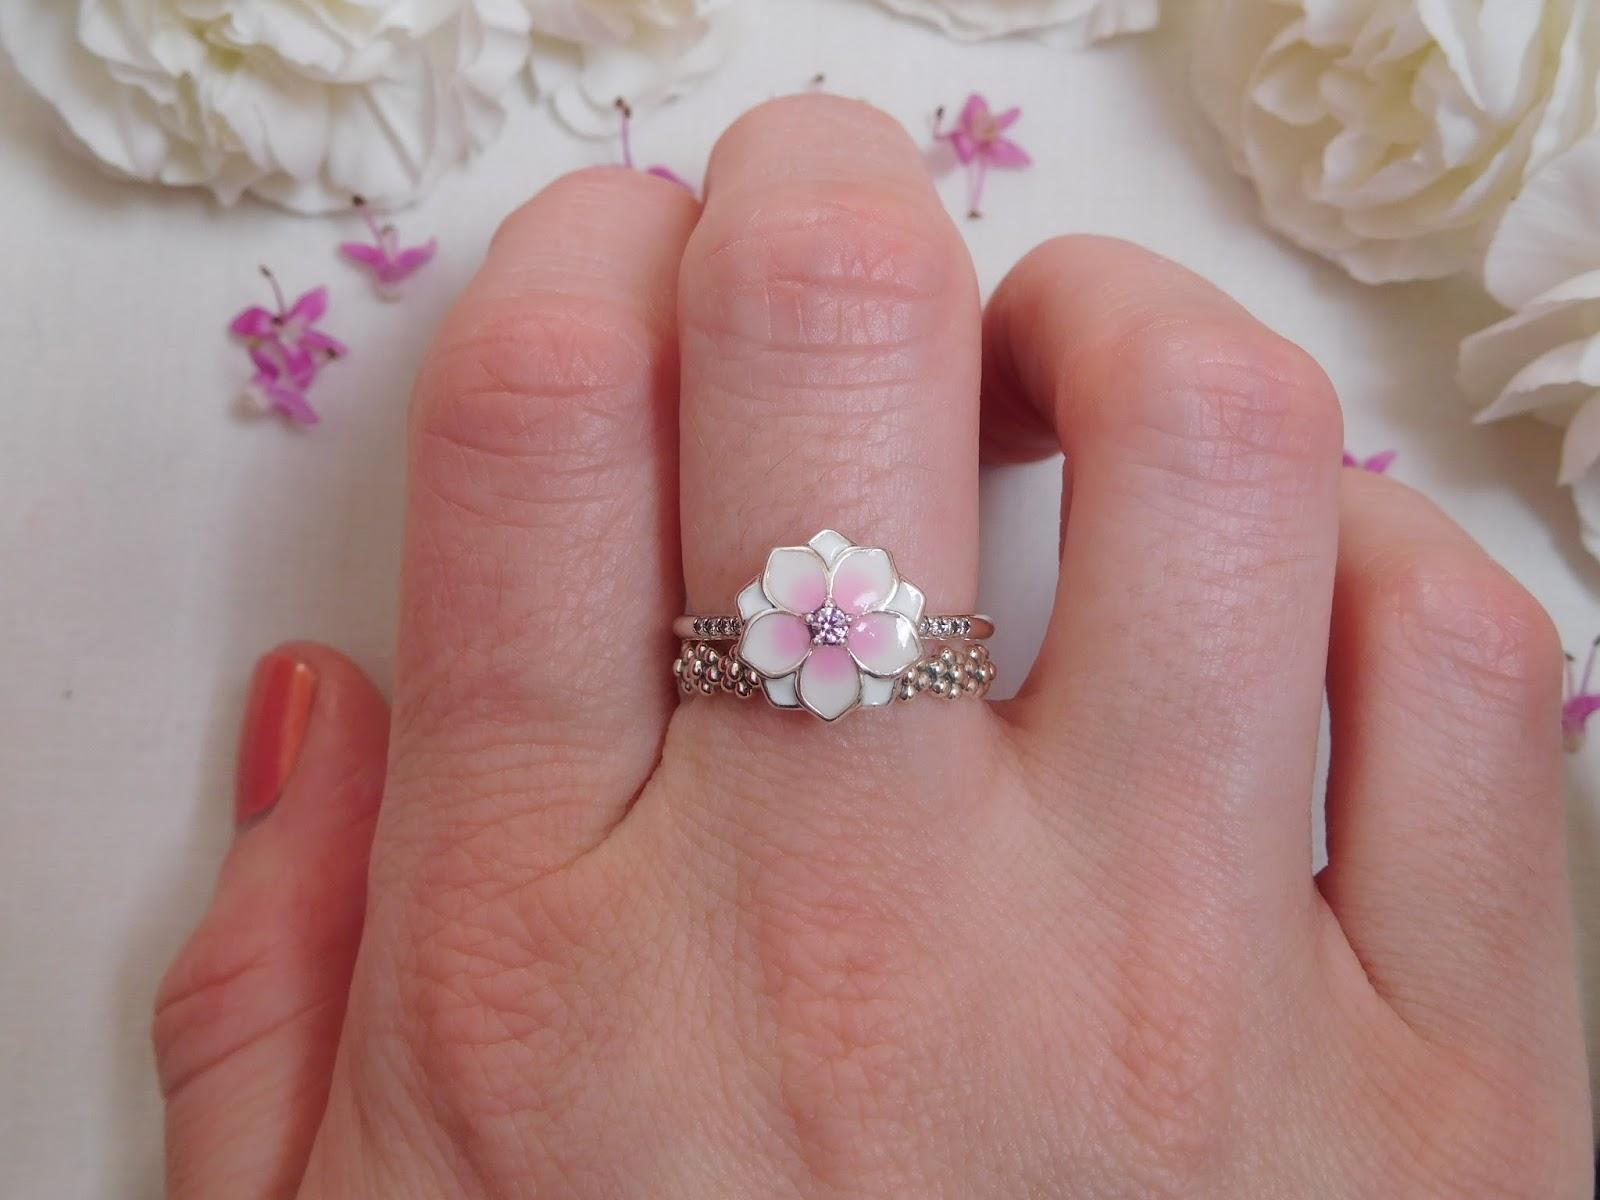 Pandora Magnolia Bloom Pendant Spacer Clip Ring Ring